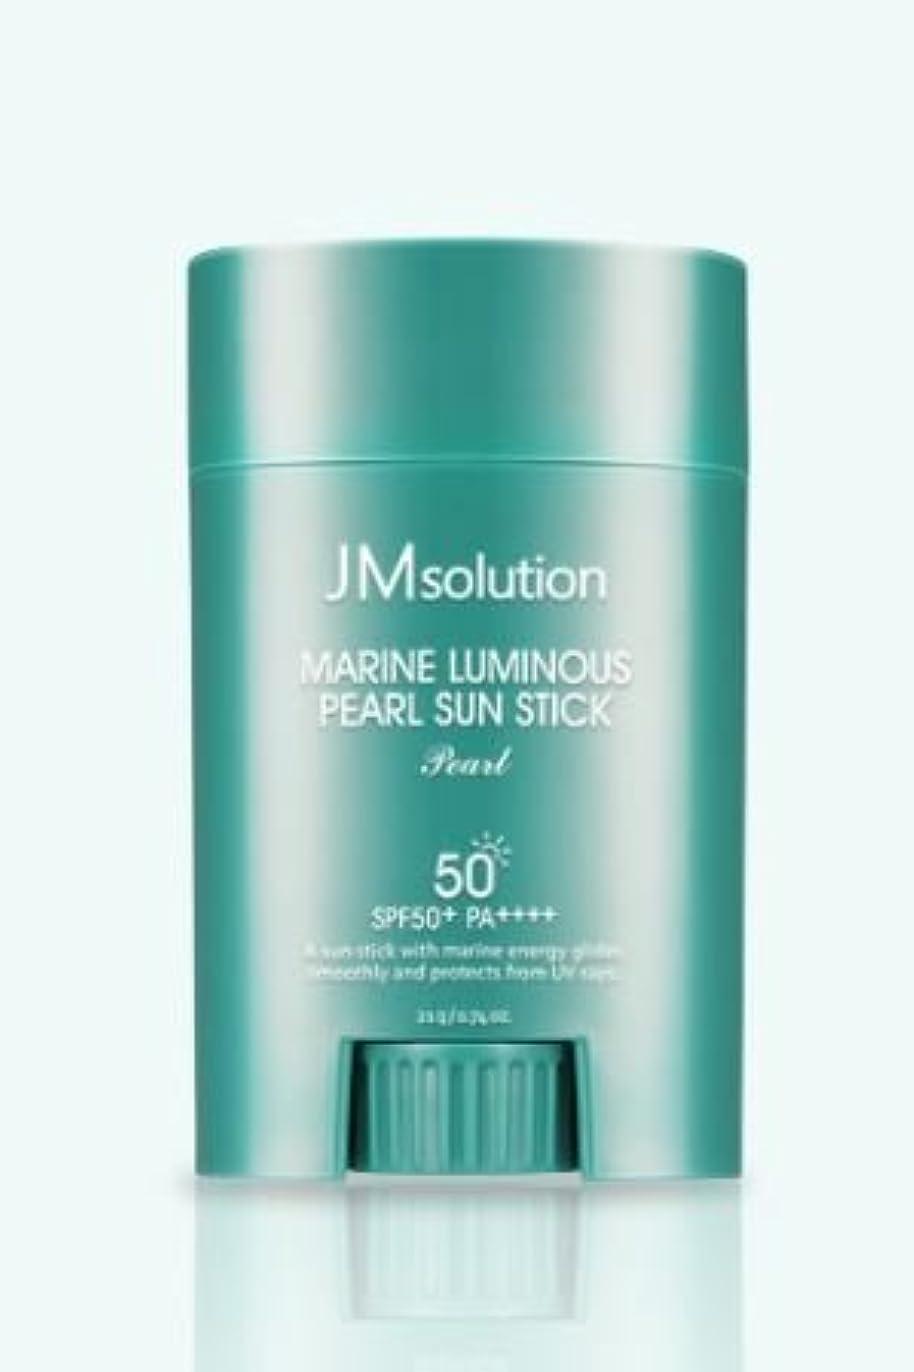 ヒゲクジラ科学的申込み[JMsolution] Marine Luminous Pearl Sun Stick 21g SPF50+ PA++++ [並行輸入品]